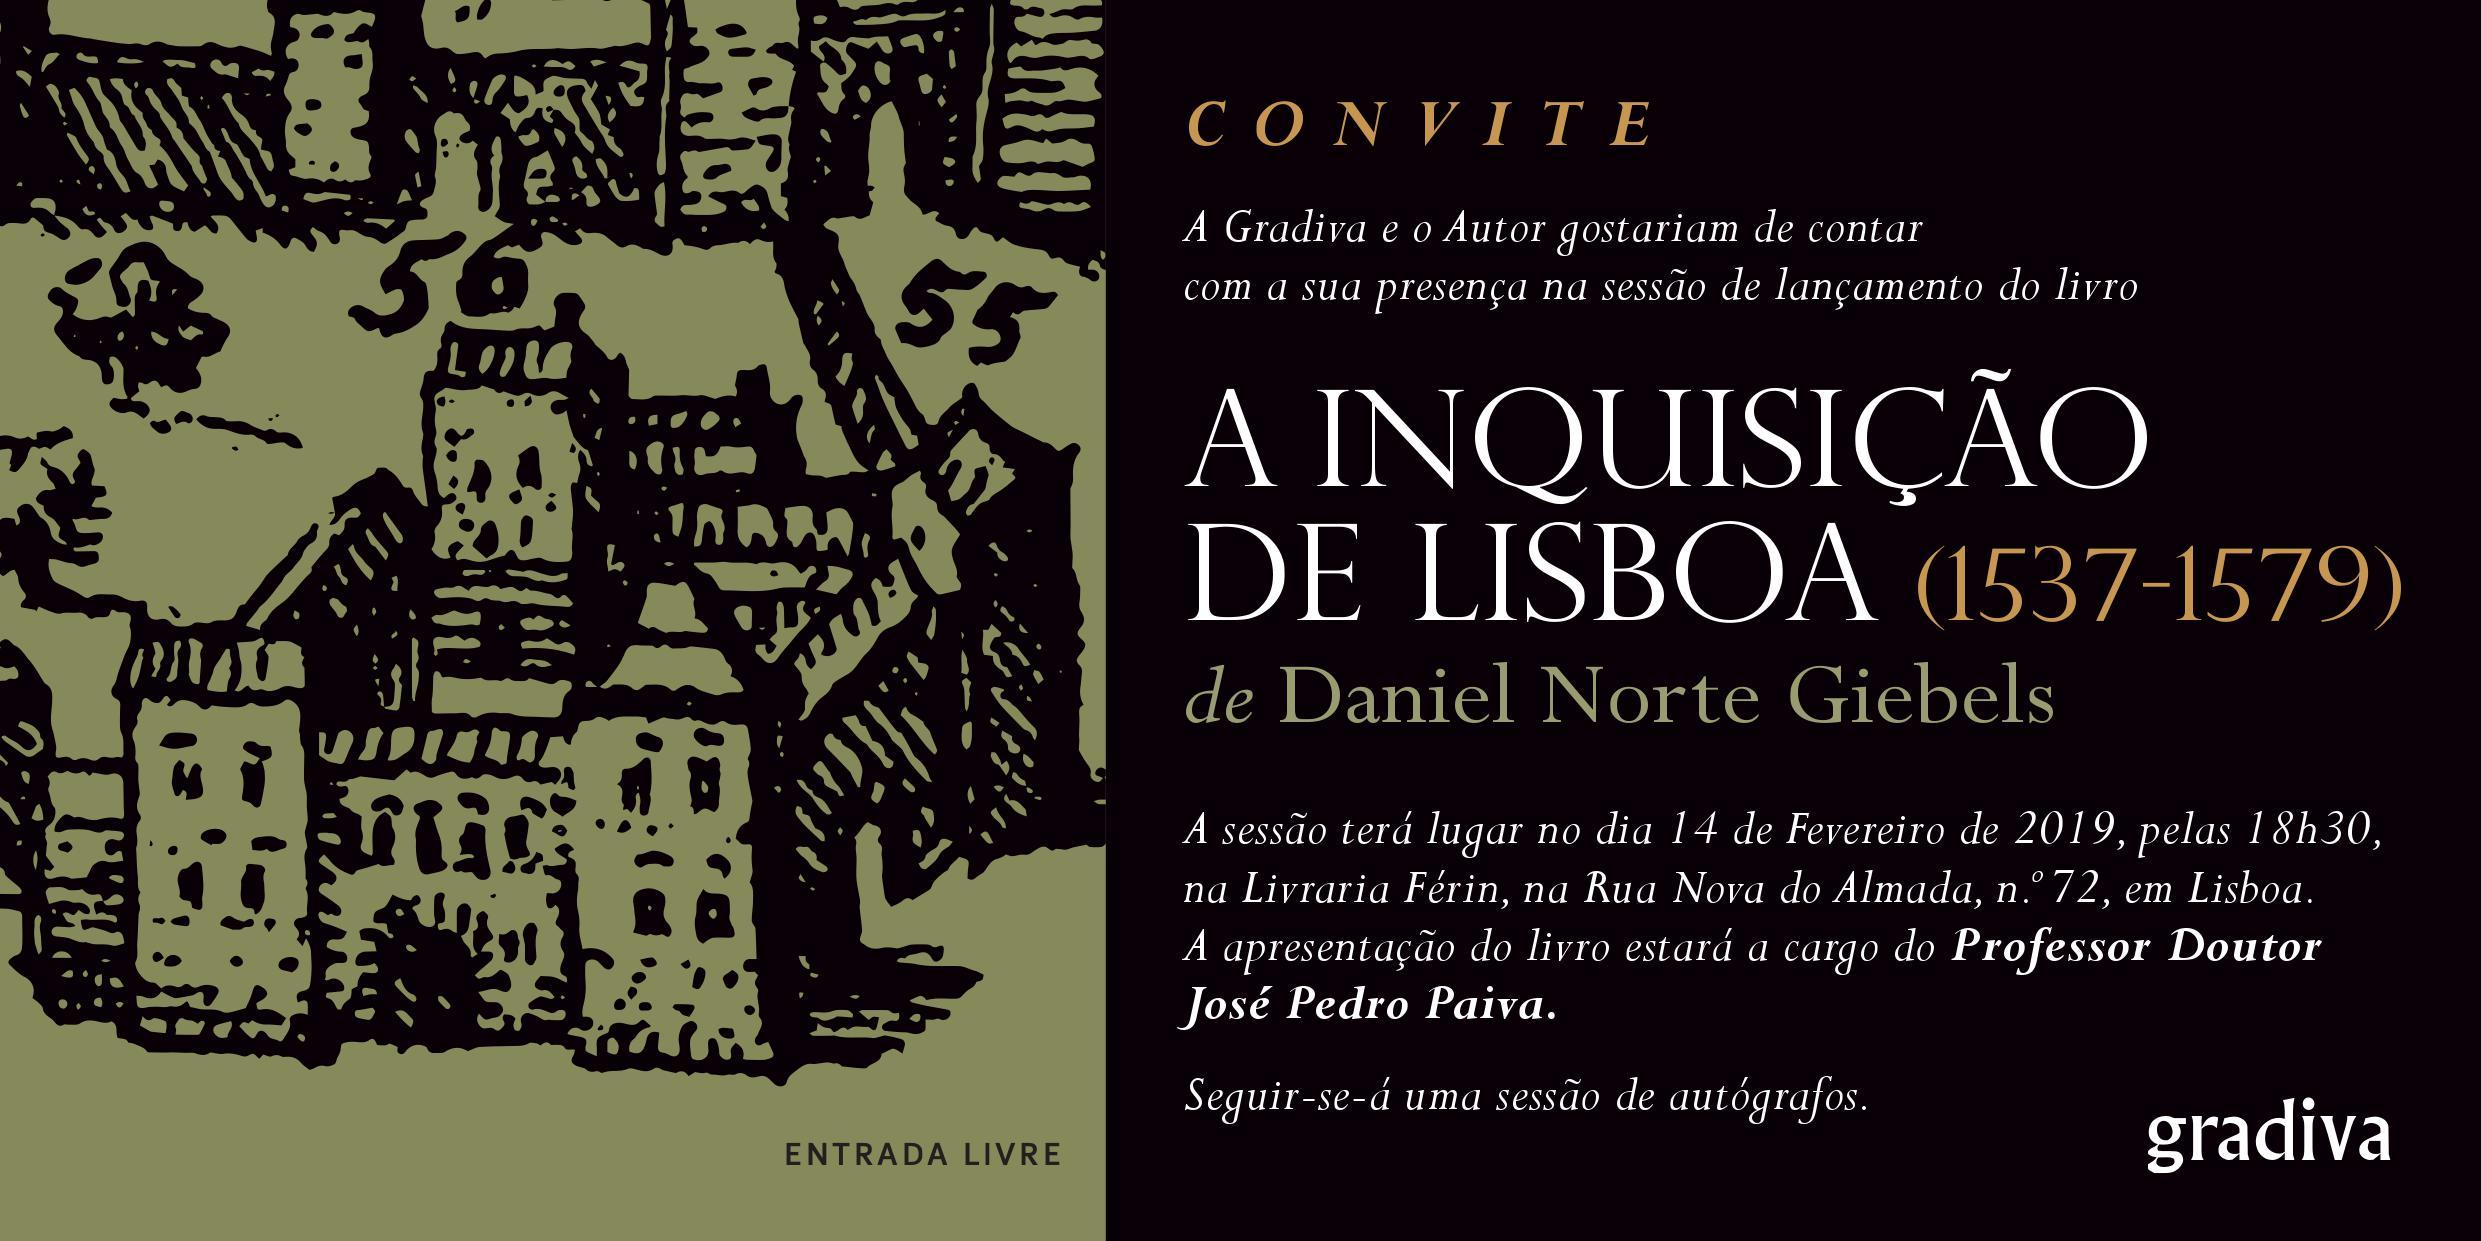 LANÇAMENTO LIVRO – A INQUISIÇÃO DE LISBOA (1537-1579)